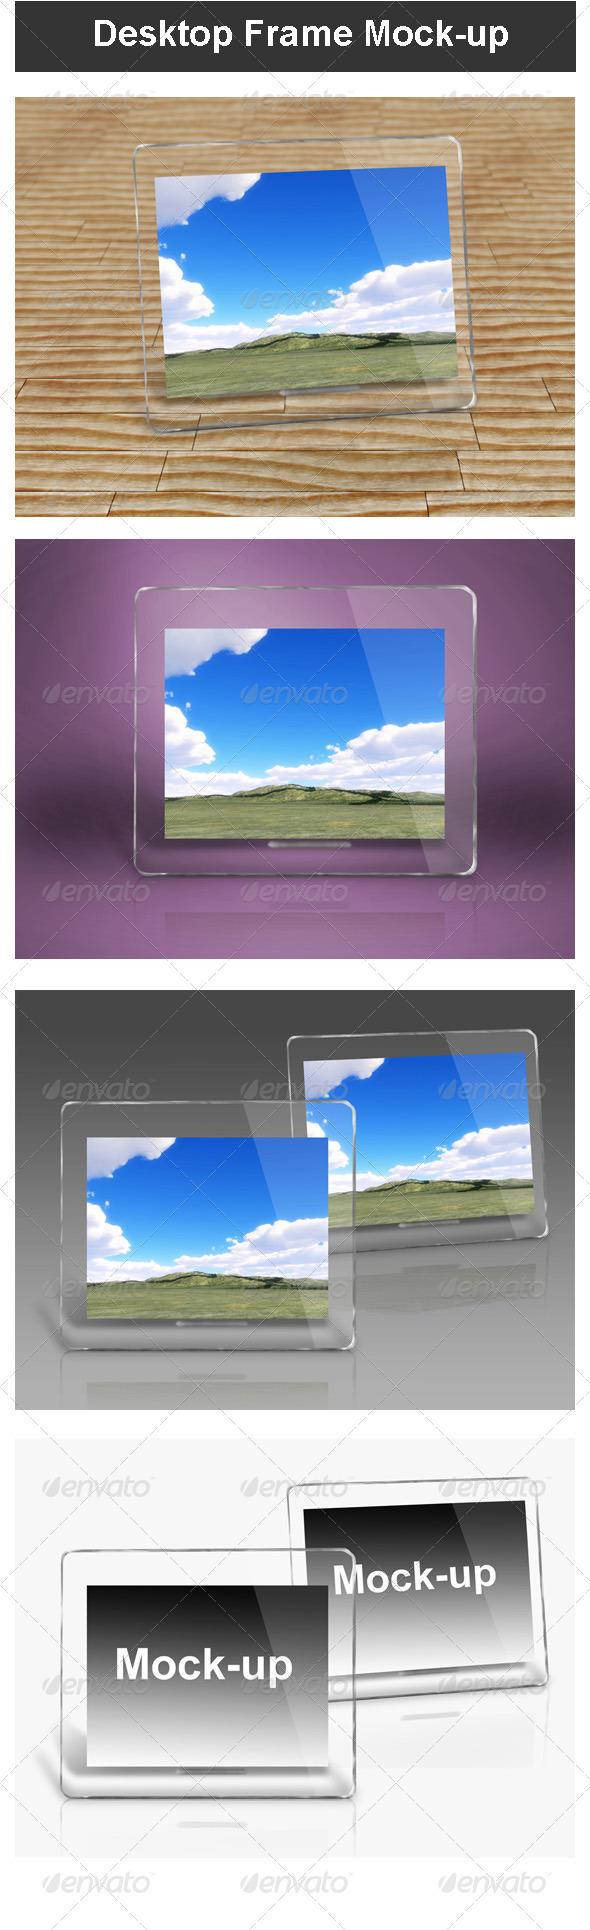 GraphicRiver Desktop Frame Mock-up 3471403